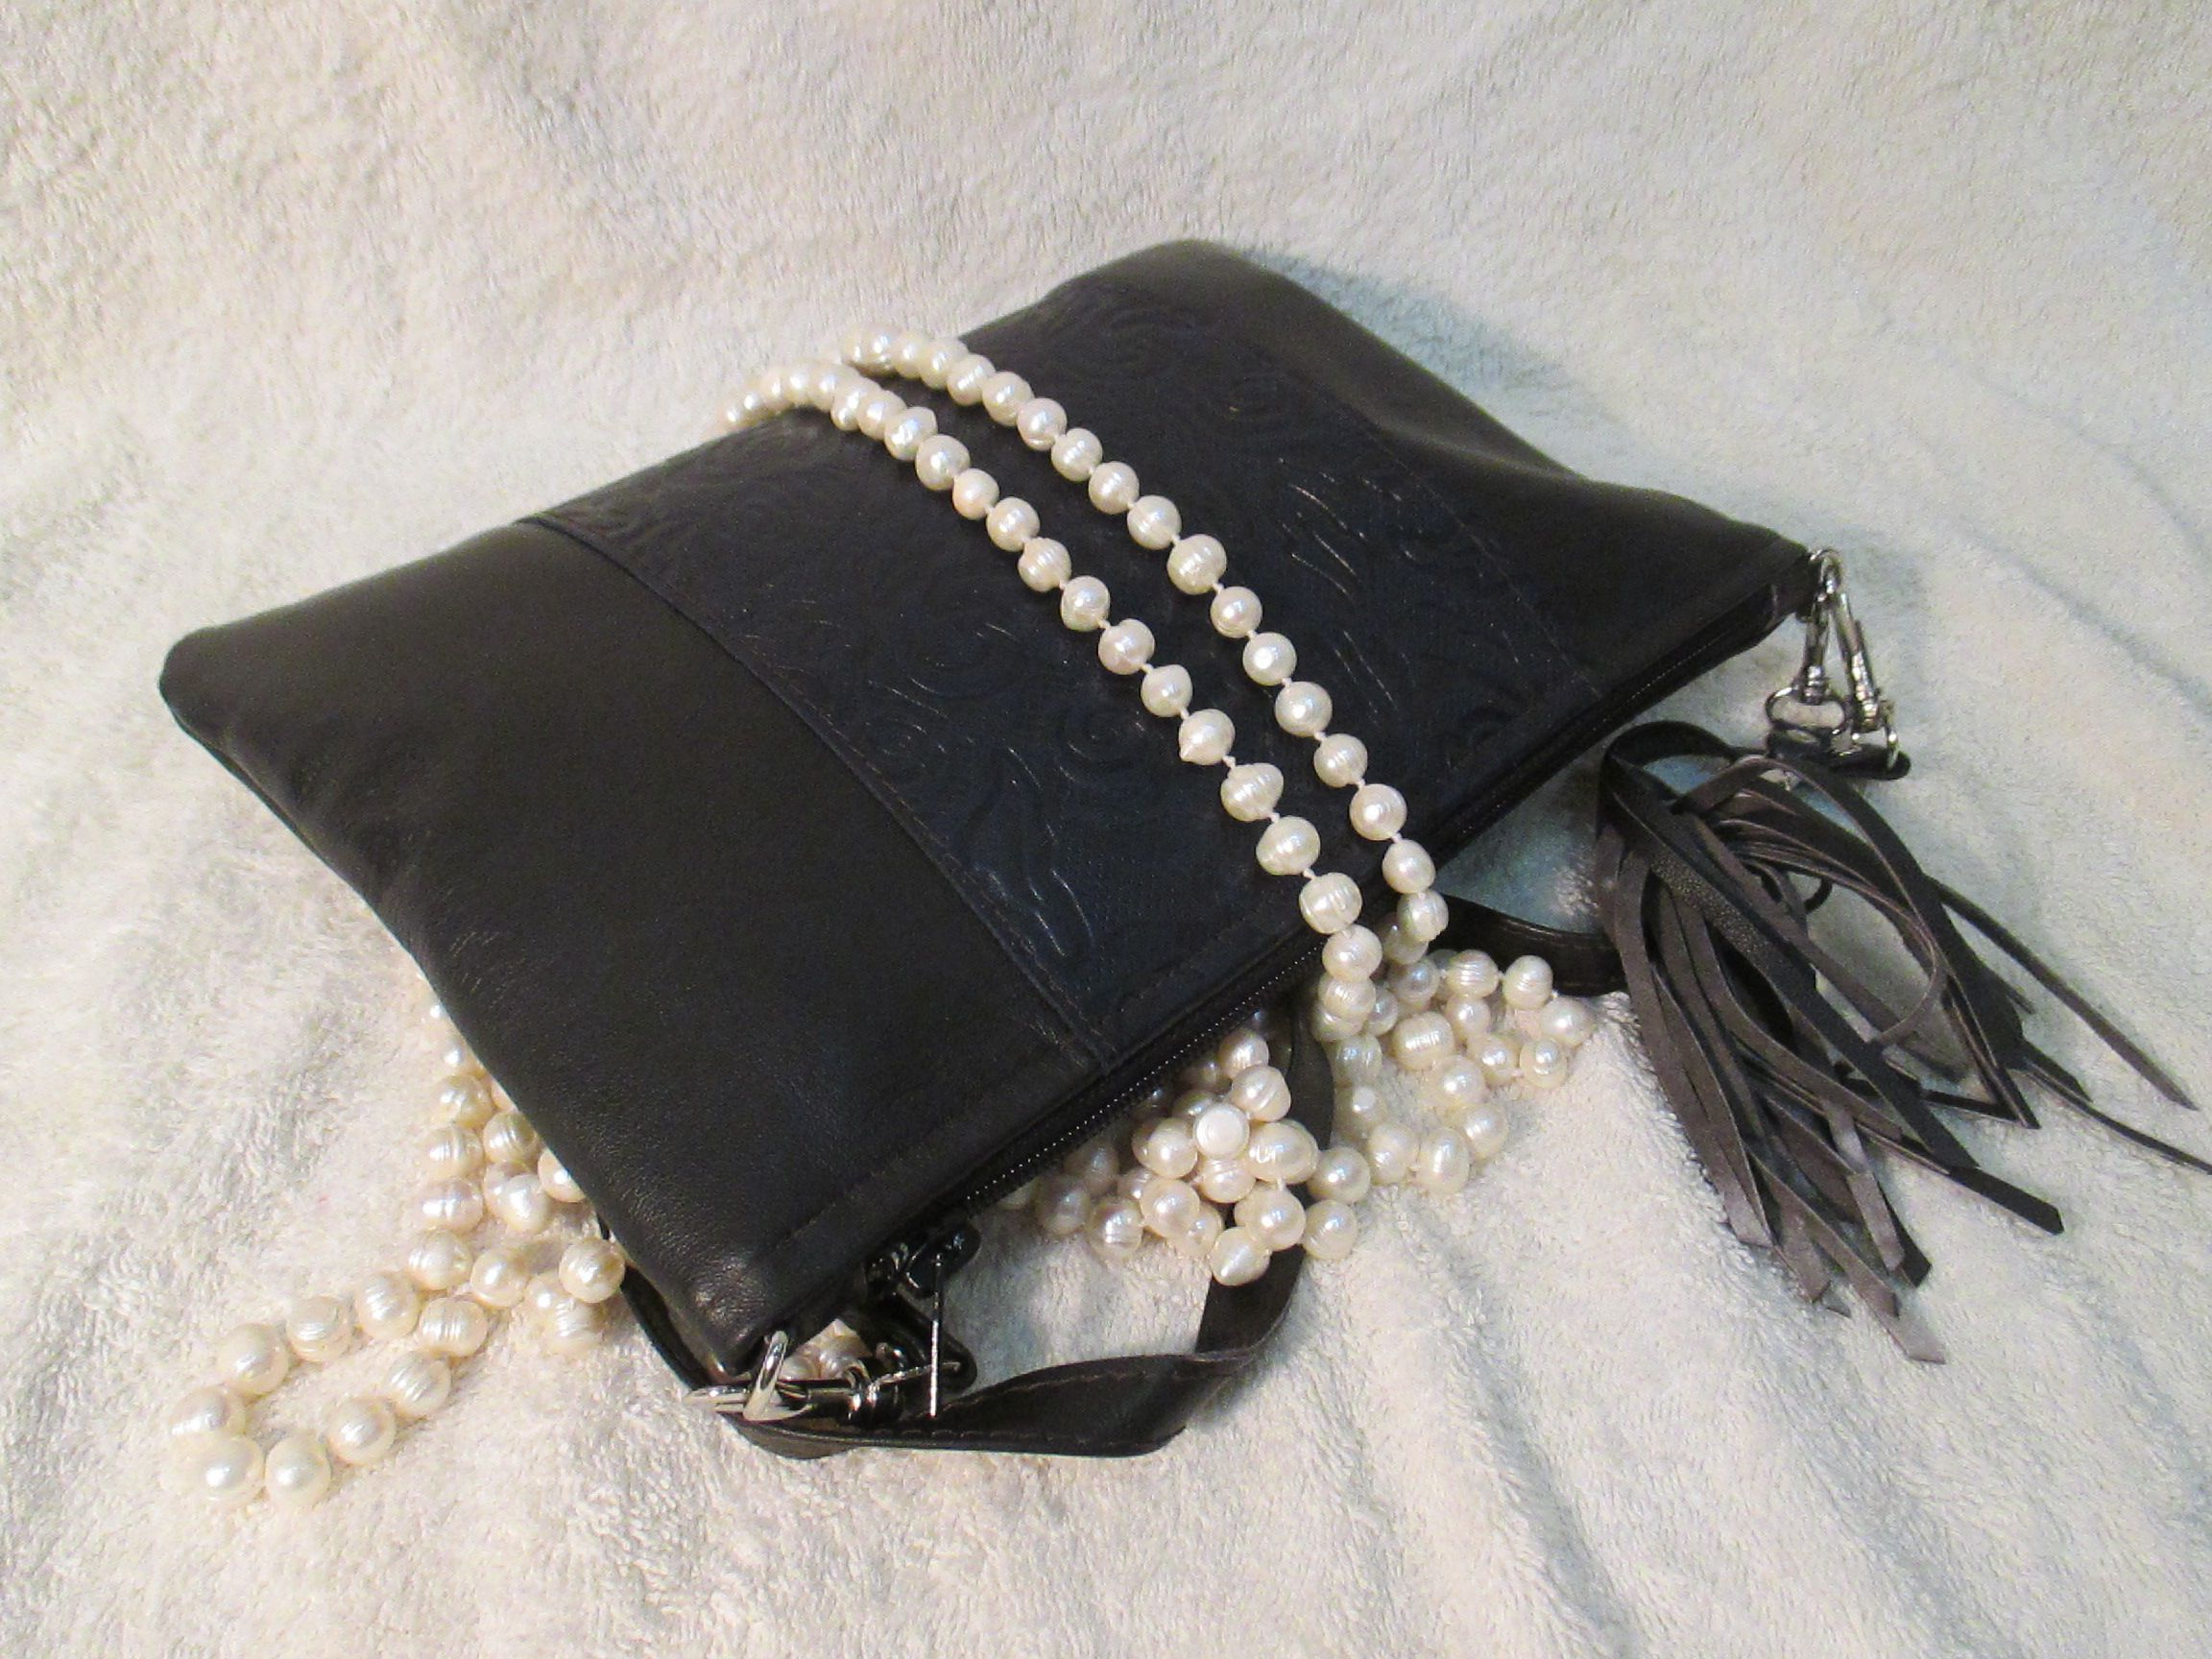 кожа вечерний кожи черная онлайн вечерняя черные подруги эффектный сумочку дамская тиснением сумочки из с для черный клатч сумочка кожаный подарок купить стильная авторские цветы девушки